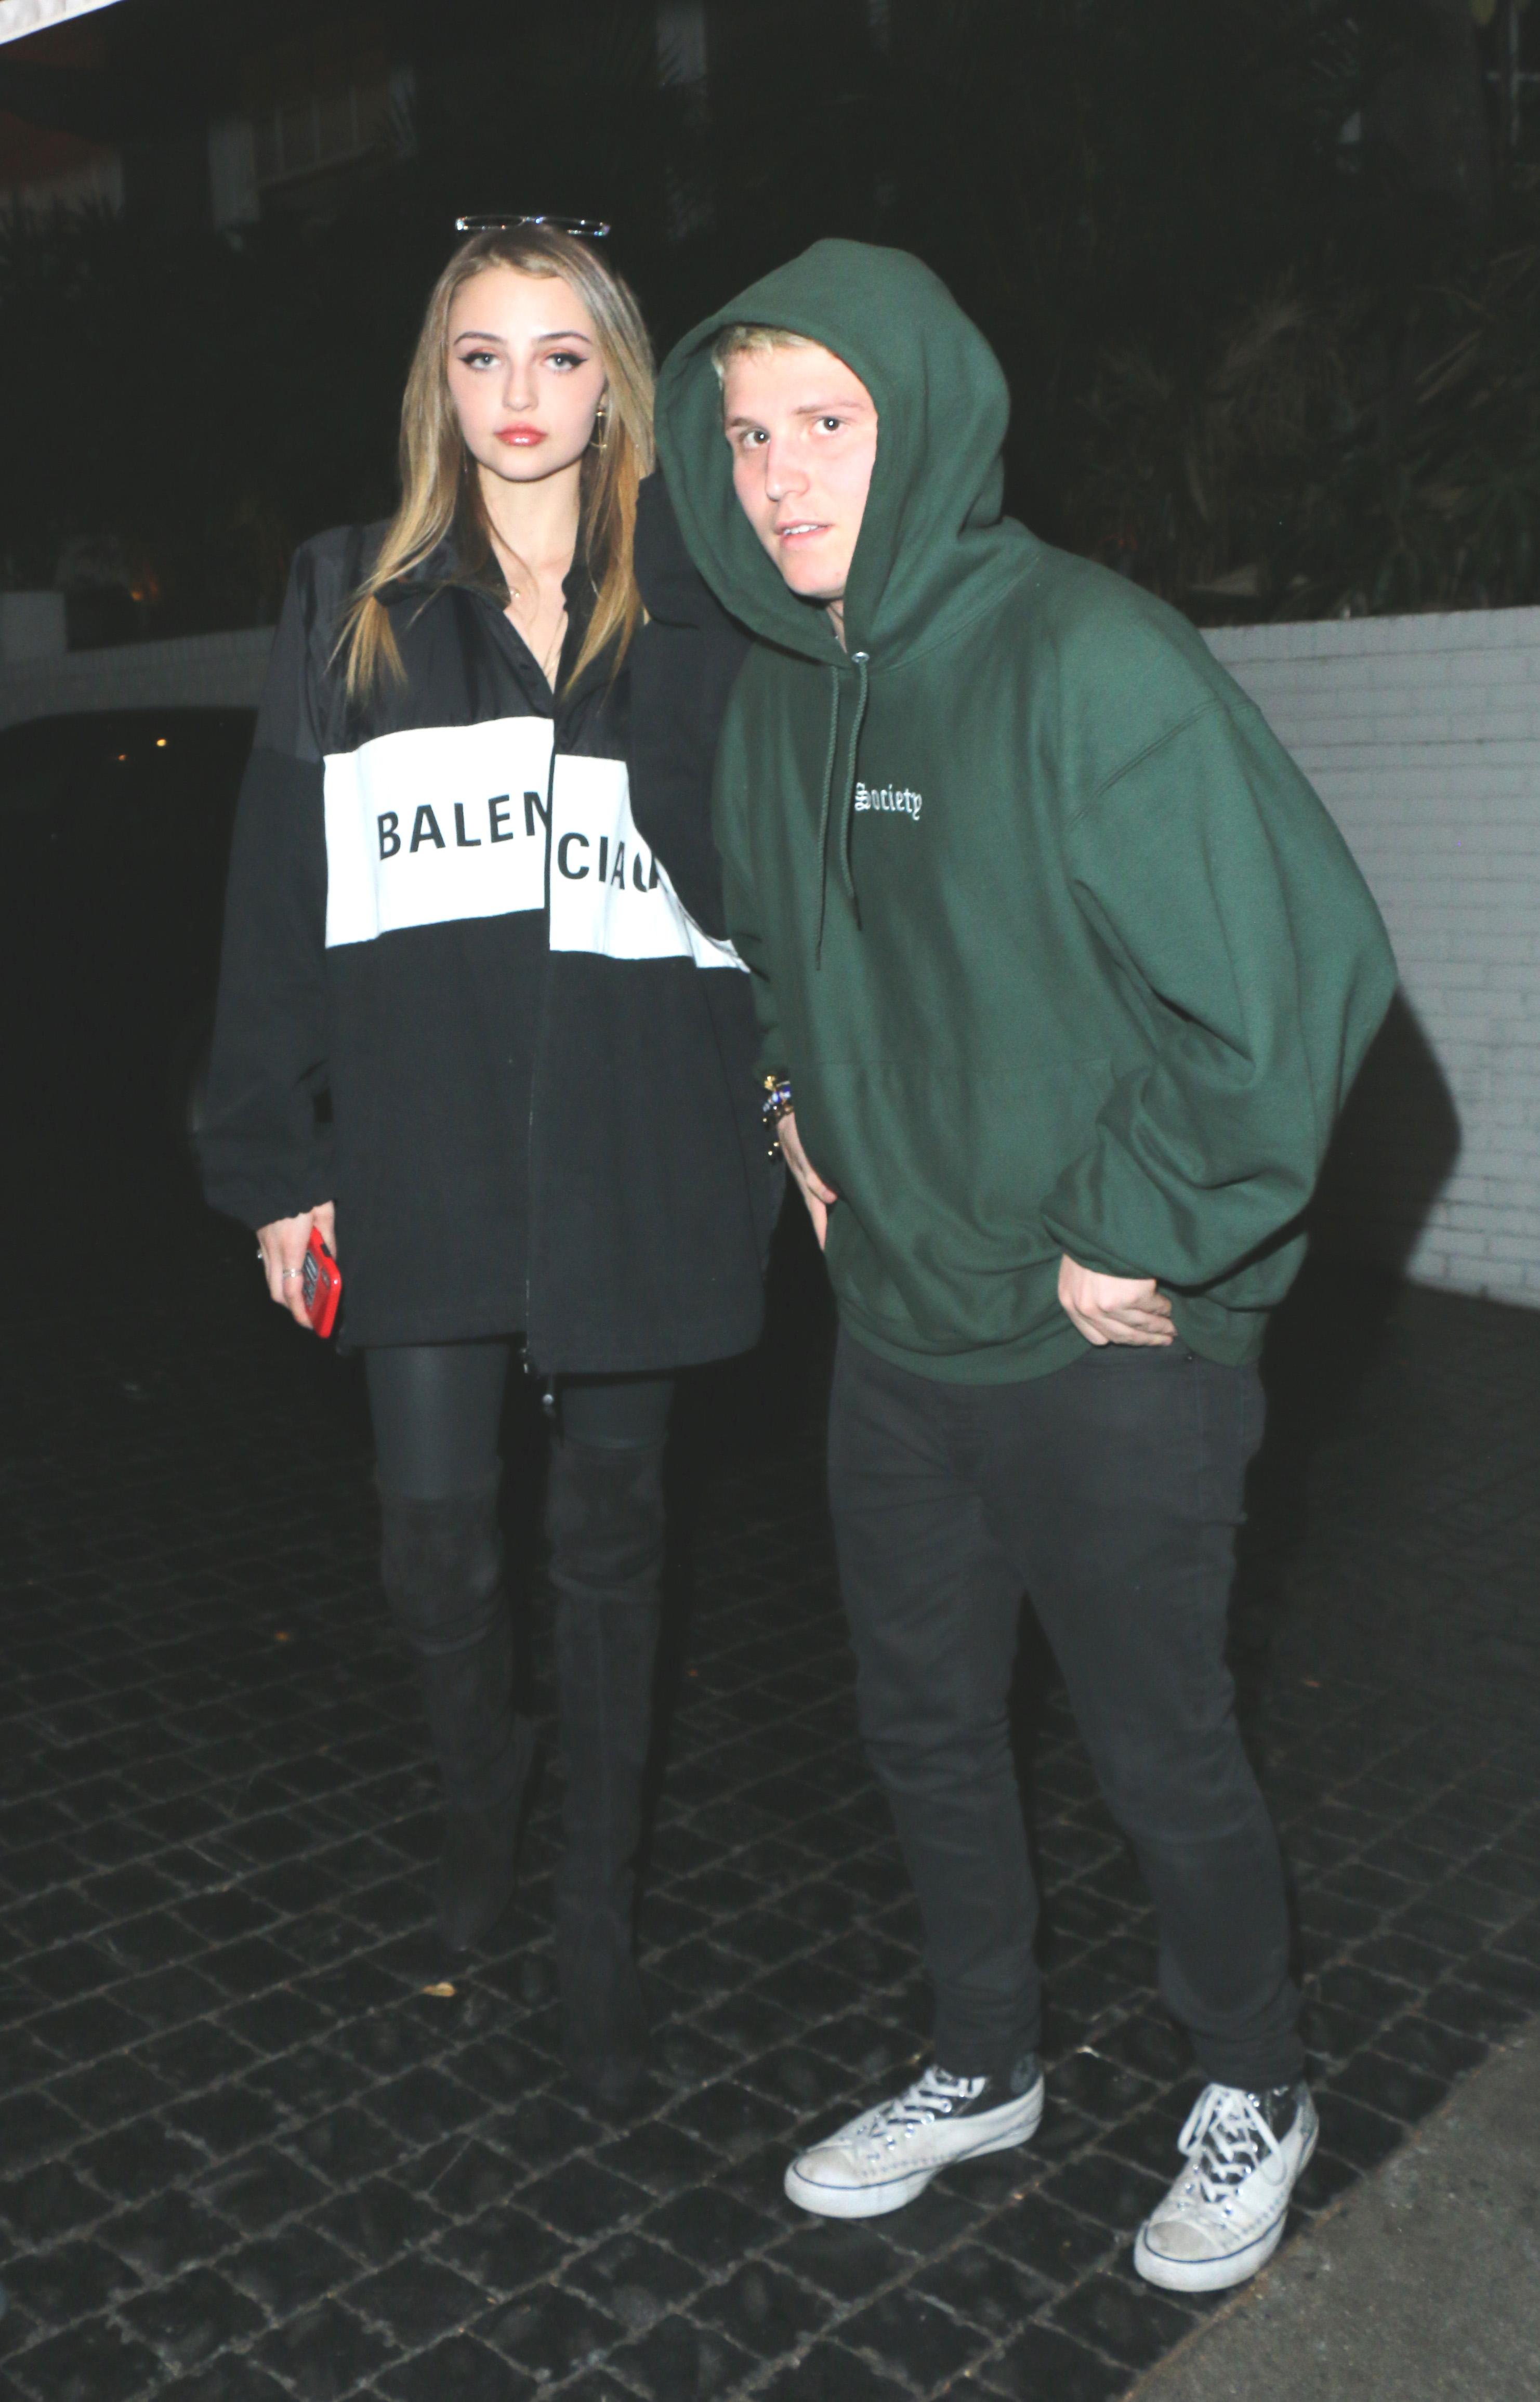 Ashley Cooper and UHLONE